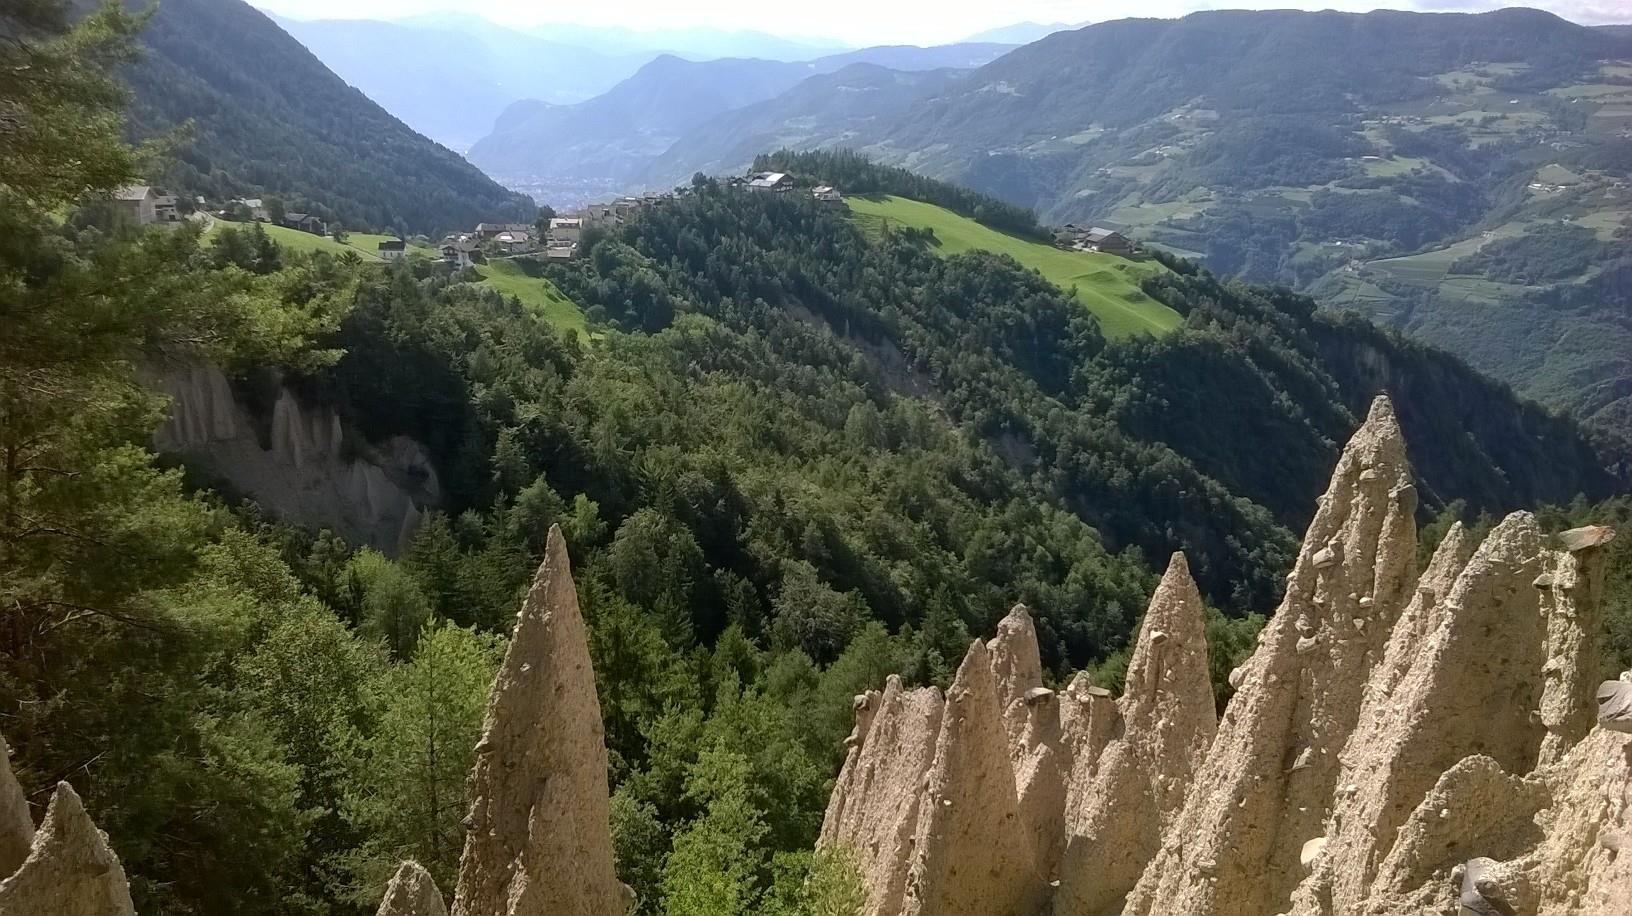 Pyramidenwanderung in Steinegg